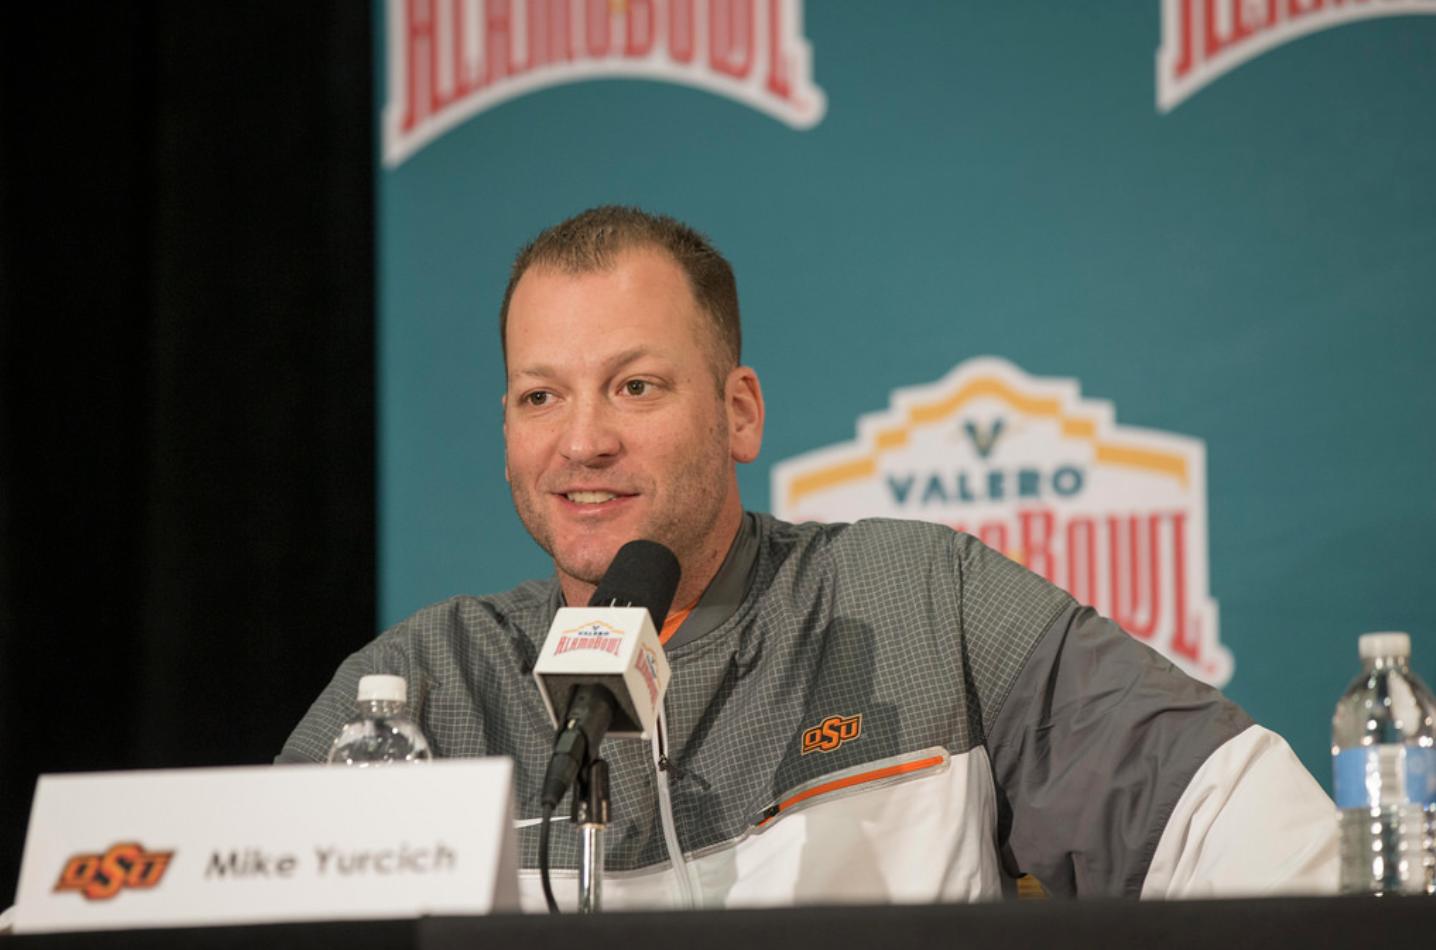 Mike Yurcich via Oklahoma State Athletics